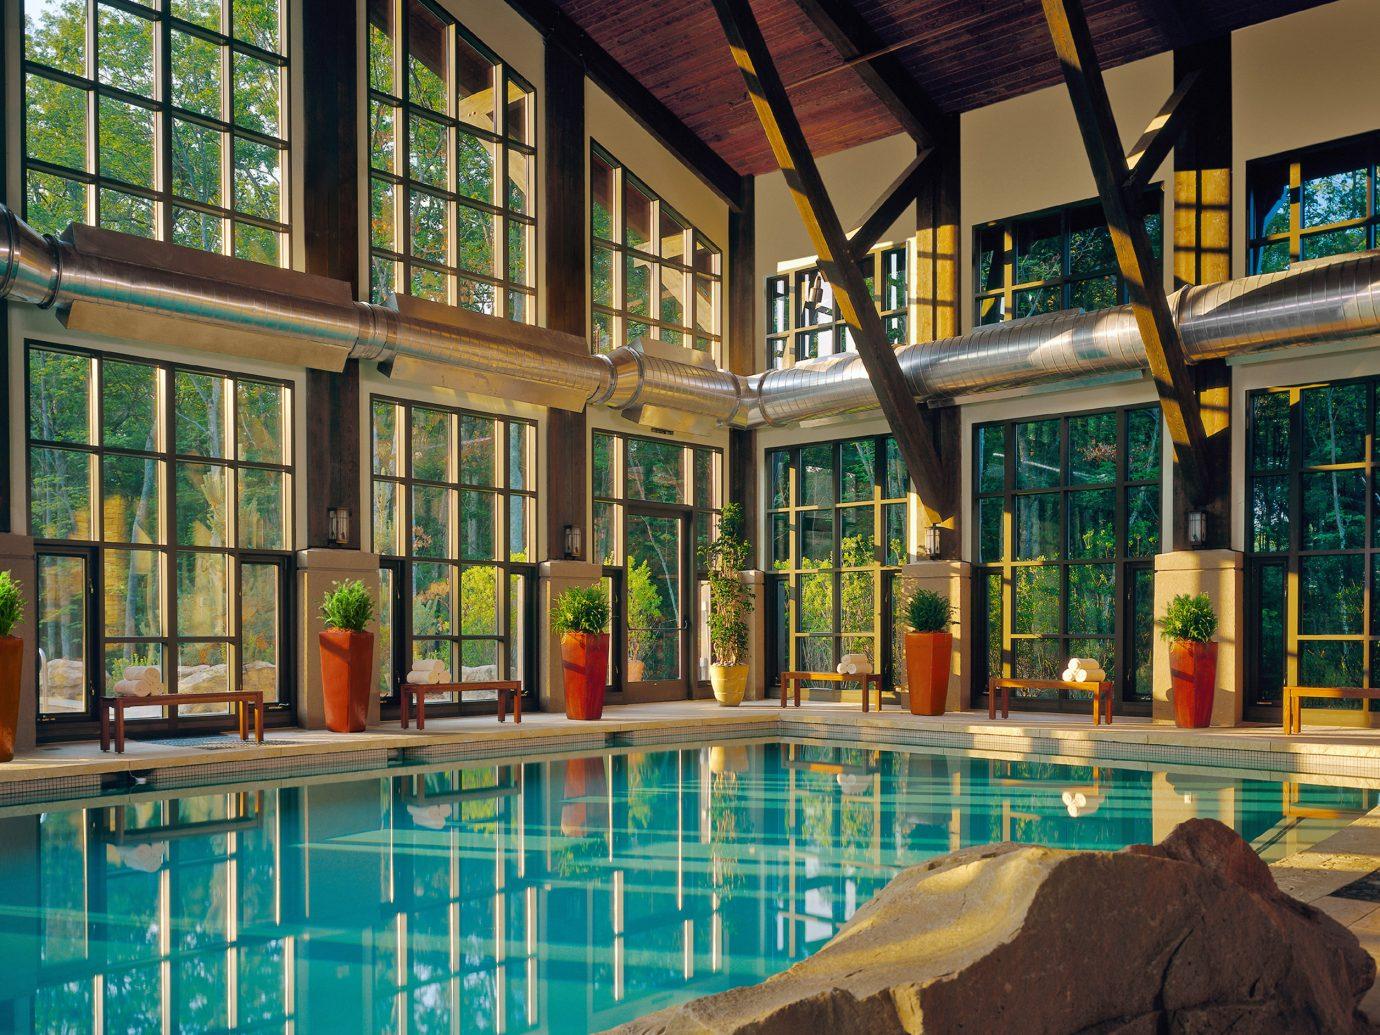 Pool at the Lodge at Woodloch